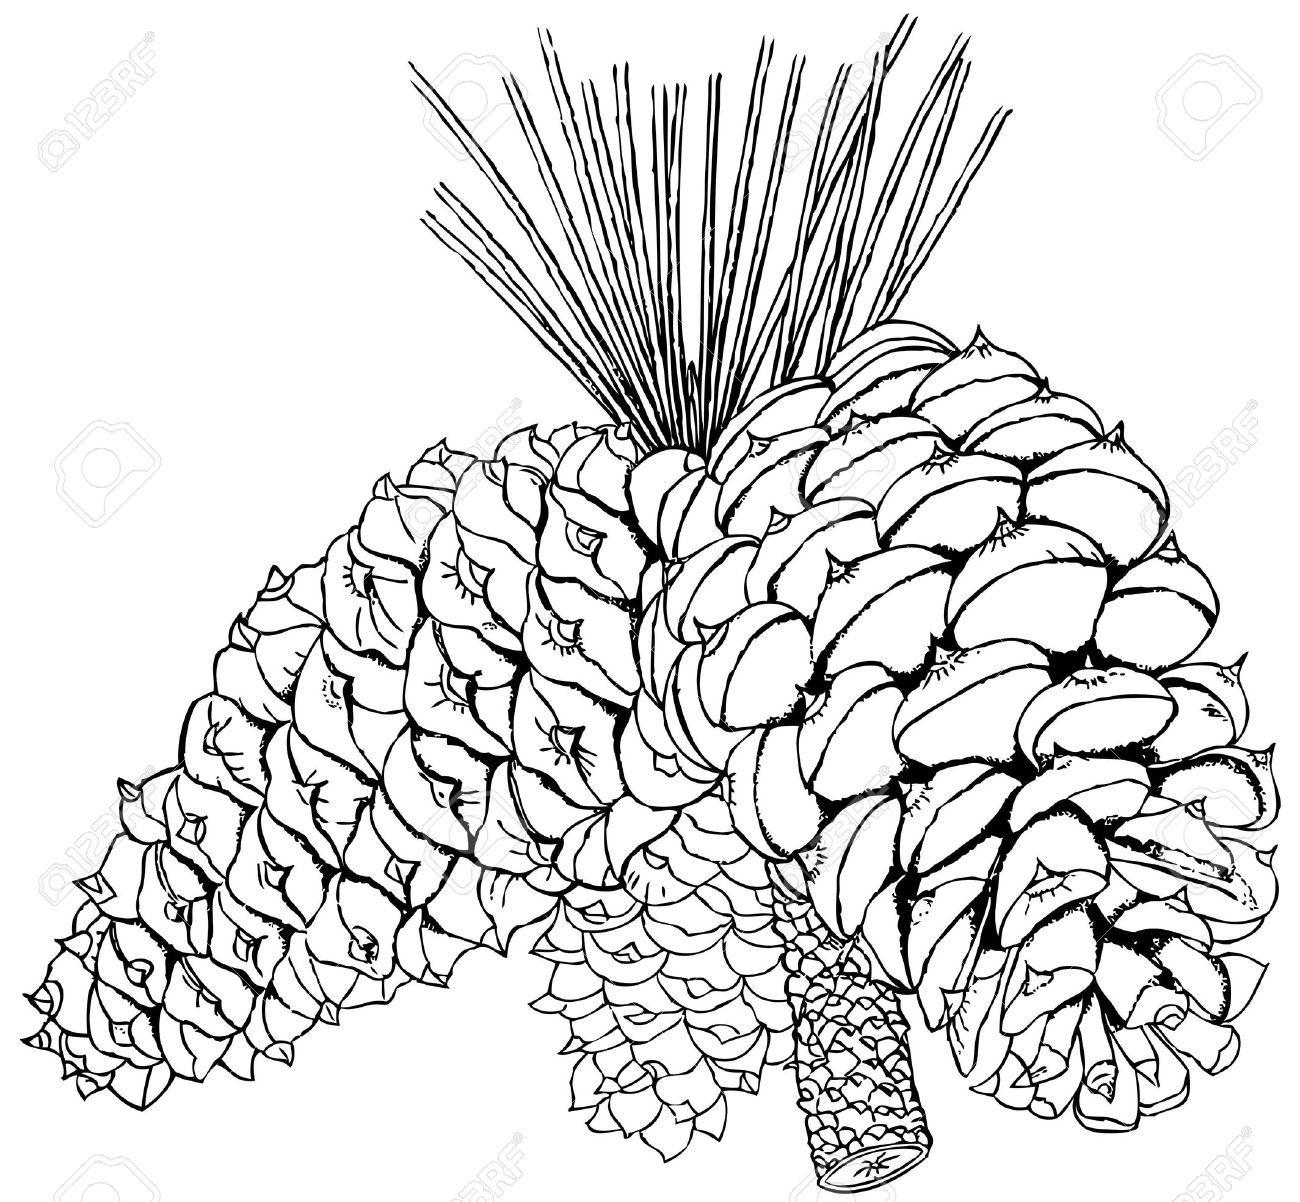 Pinus Ponderosa Drawing Images